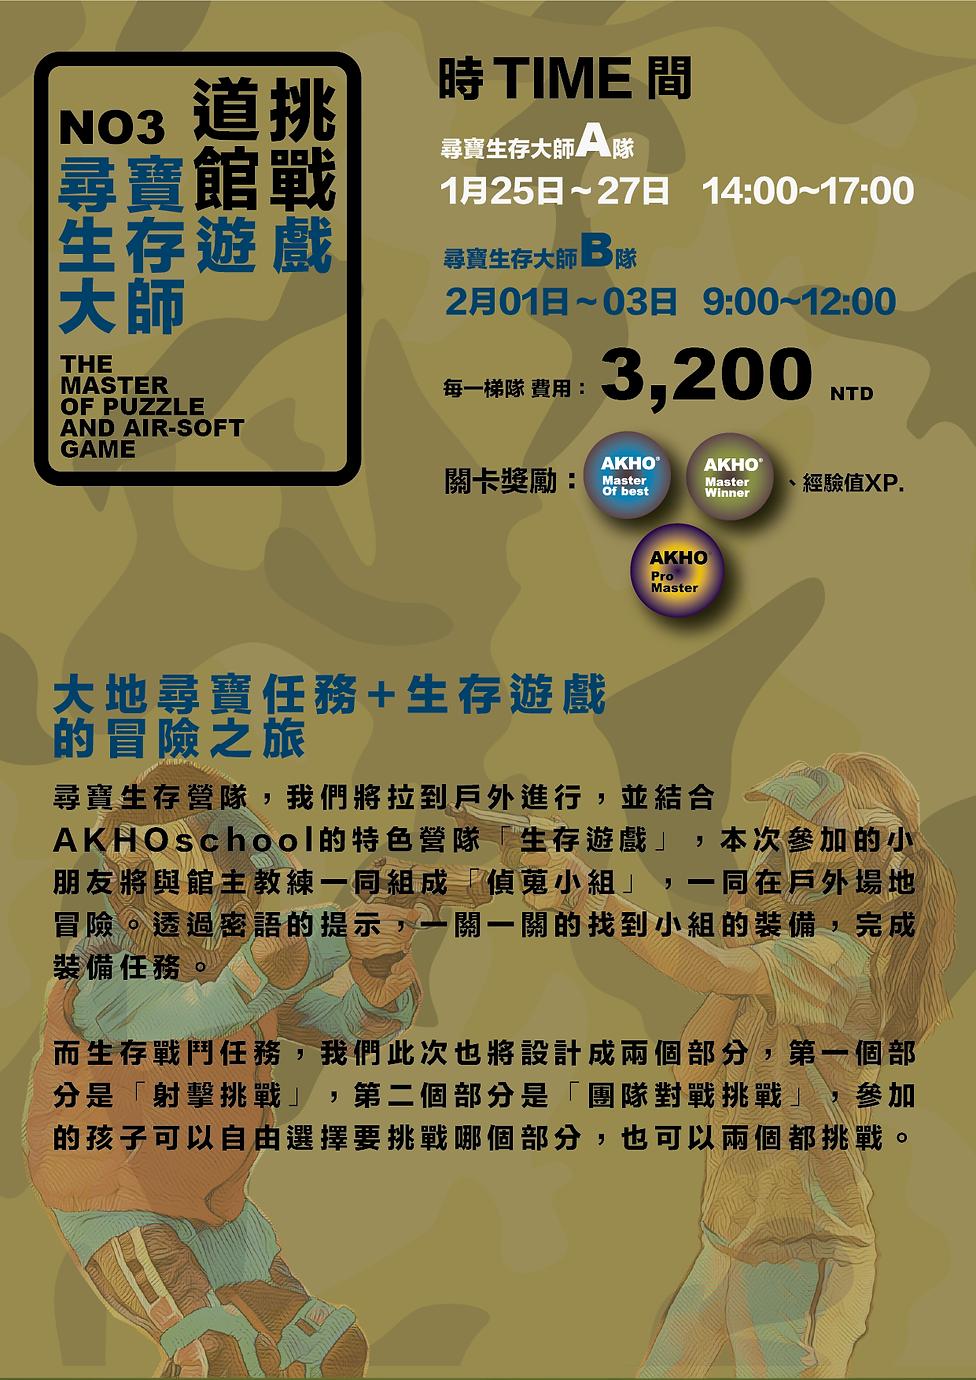 pokemon web poster 222_工作區域 1 複本 5.png